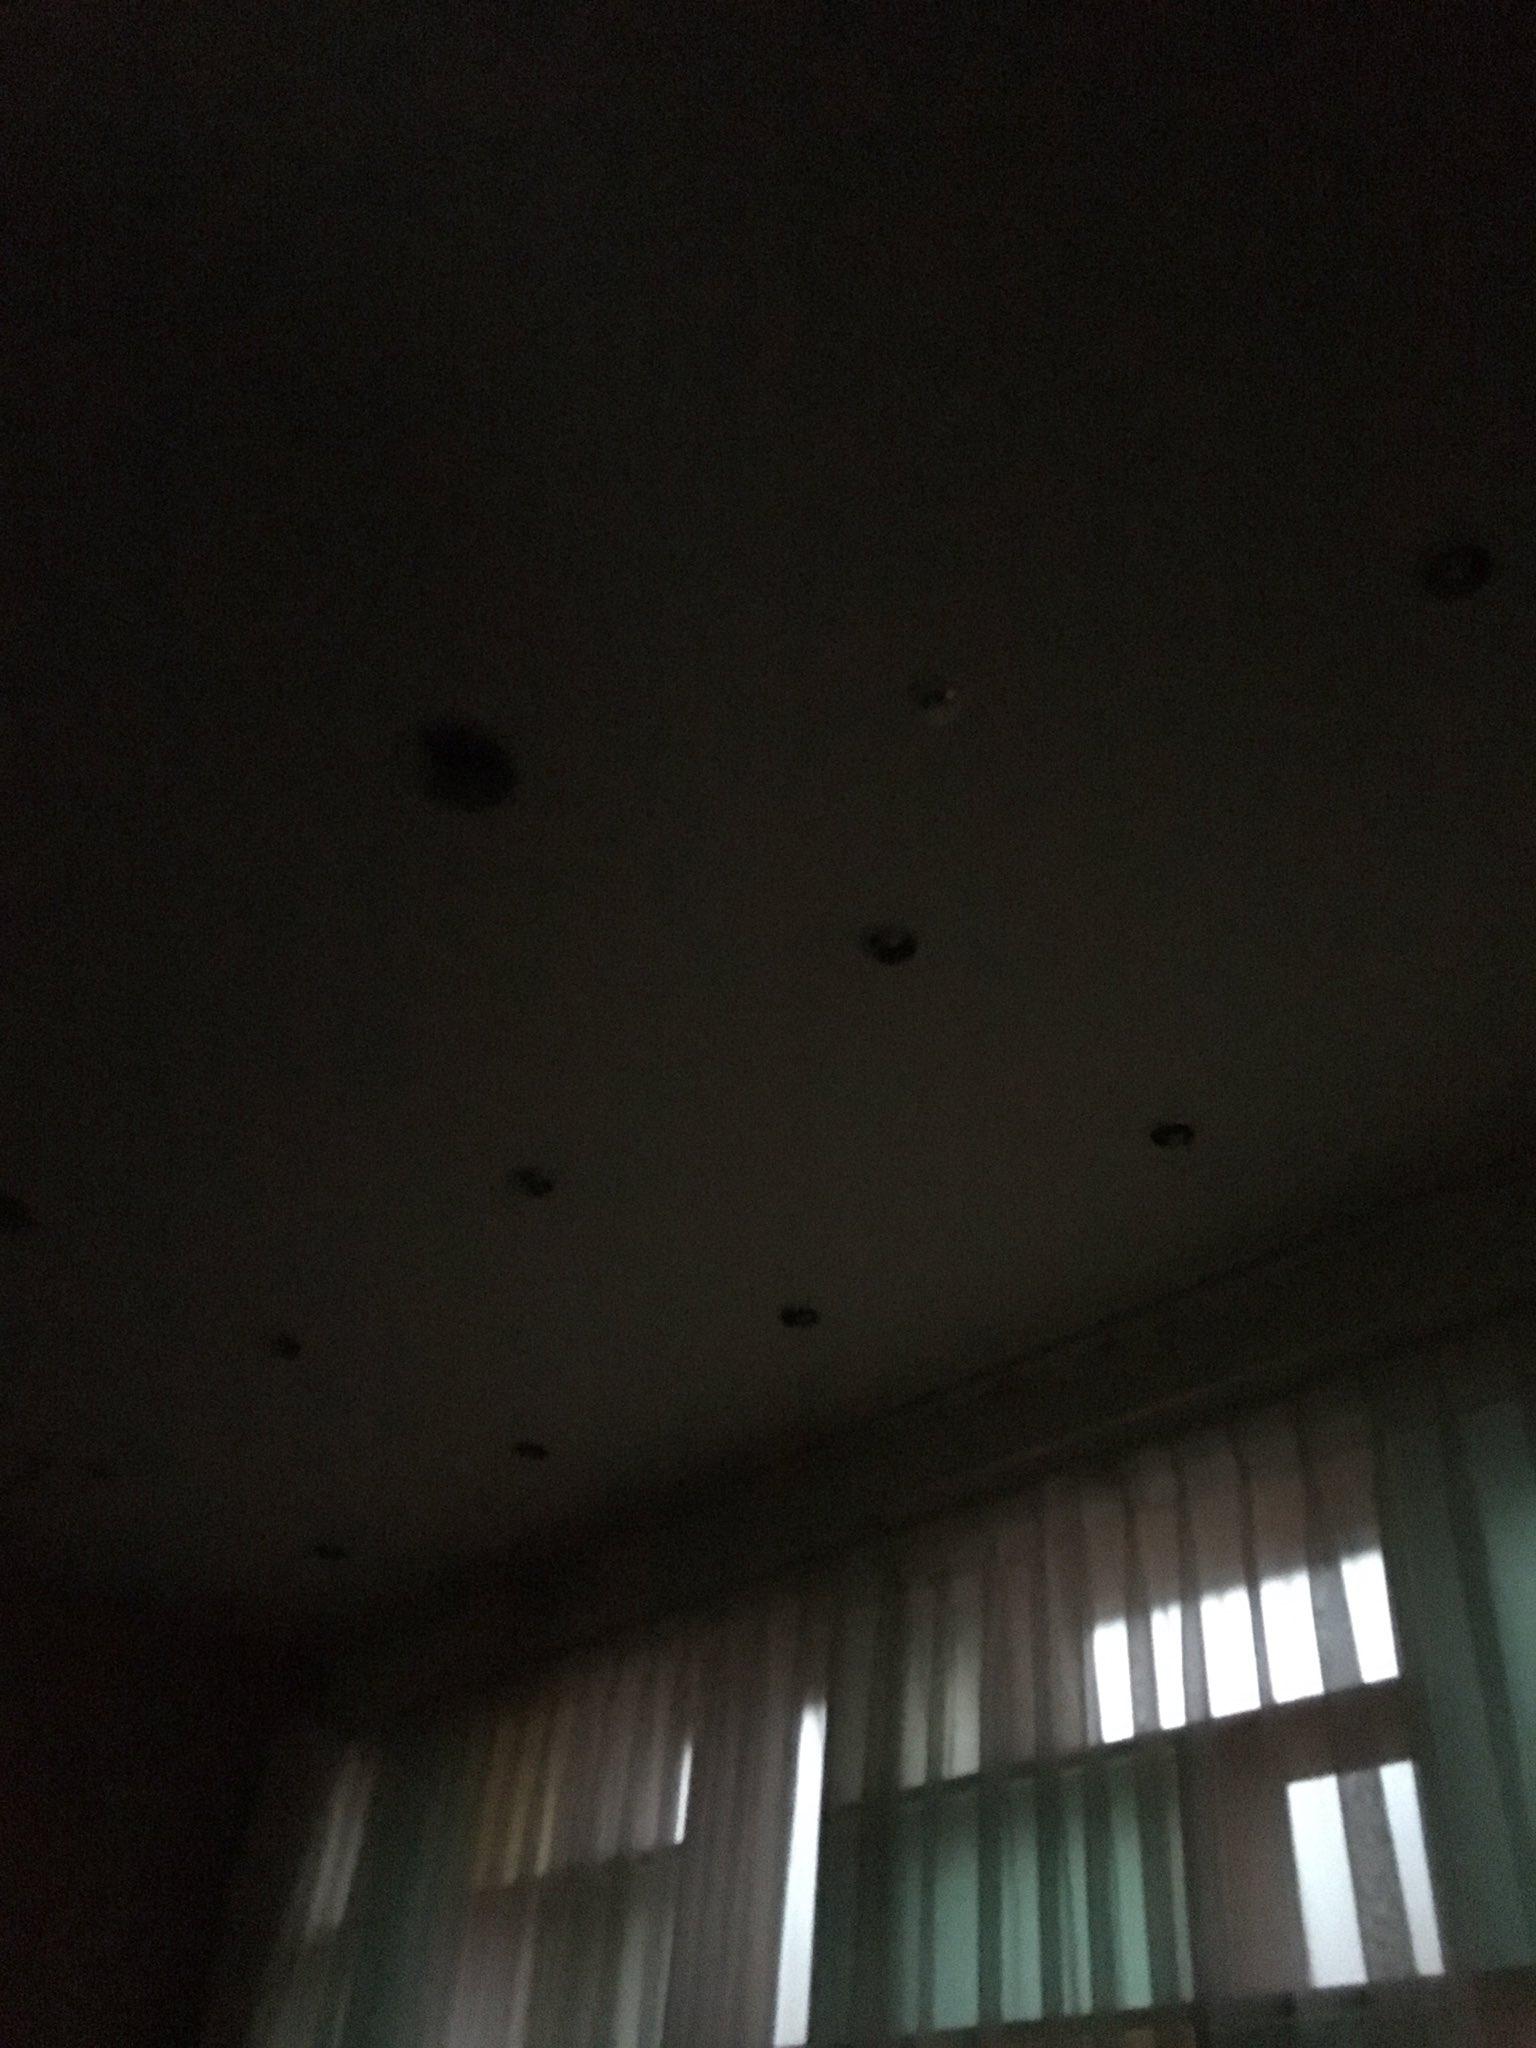 画像,千葉そごうでお茶してたら、いきなり停電で真っ黒どうしたのかな? https://t.co/4nByyiwiBH。